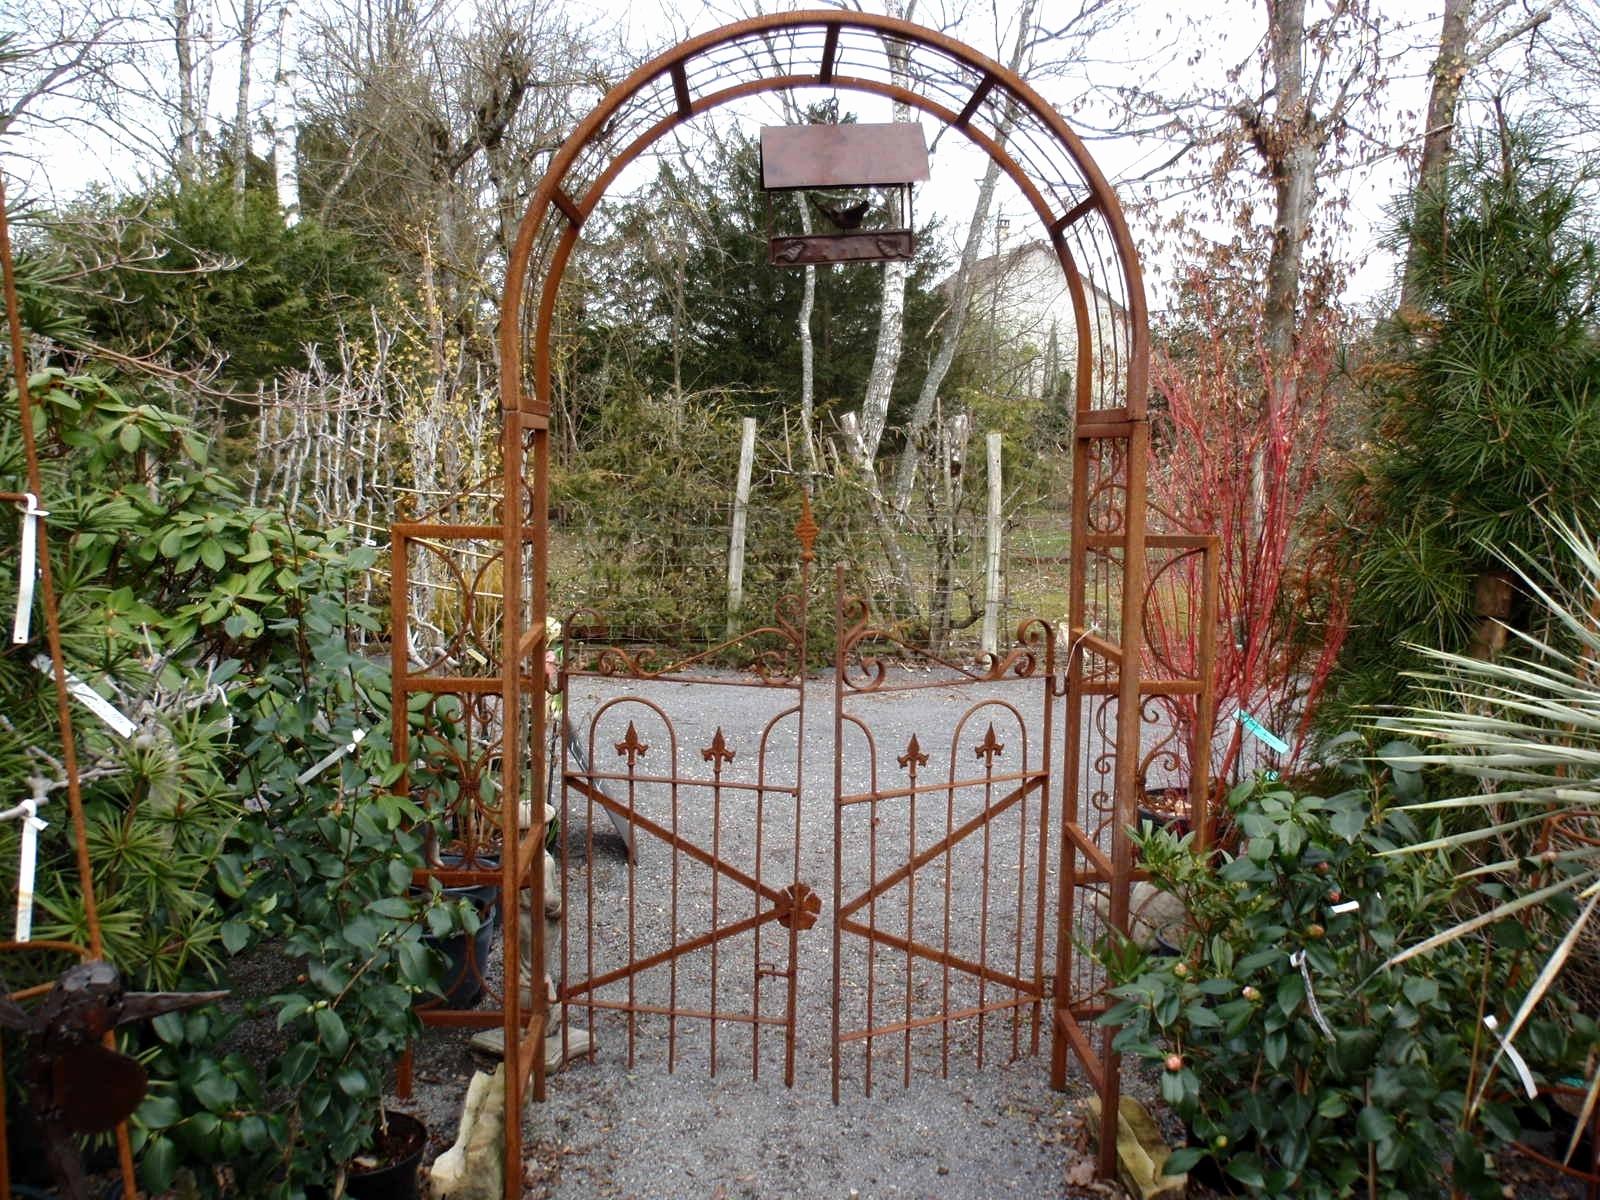 Bordure De Jardin Castorama Élégant Photographie Portillon Pas Cher élégant Portillon Jardin Castorama Inspirant